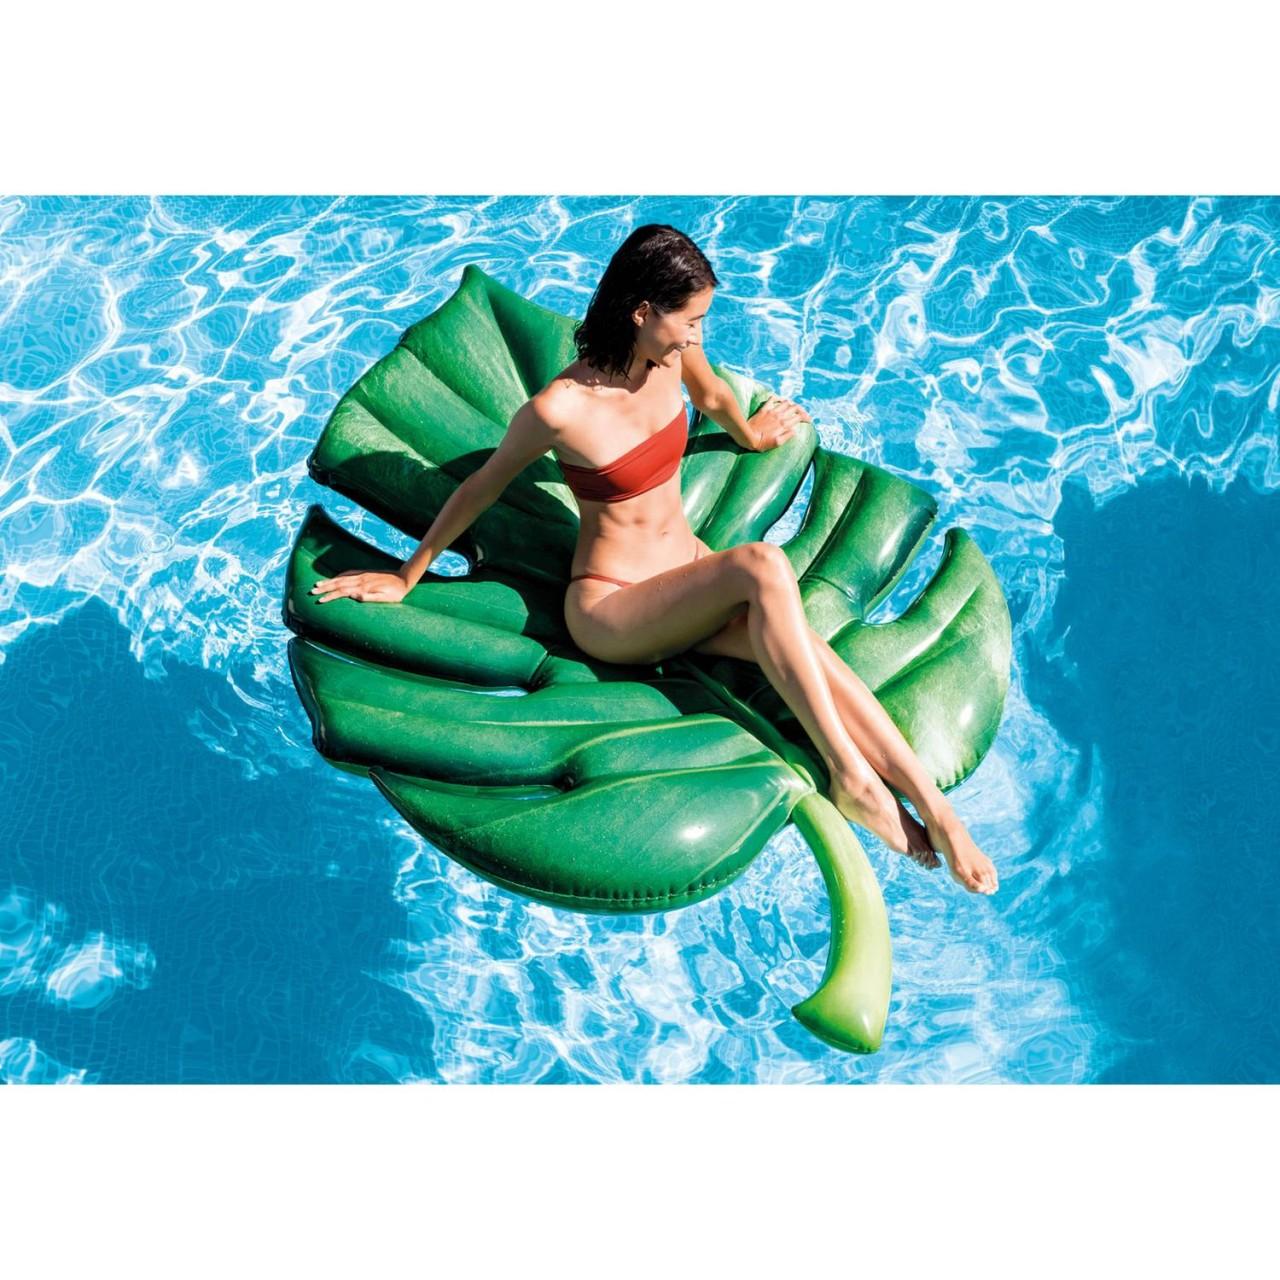 Intex Luftmatratze Palmblatt Badeinsel Wasserliege 213x142 cm aufblasbar 58782